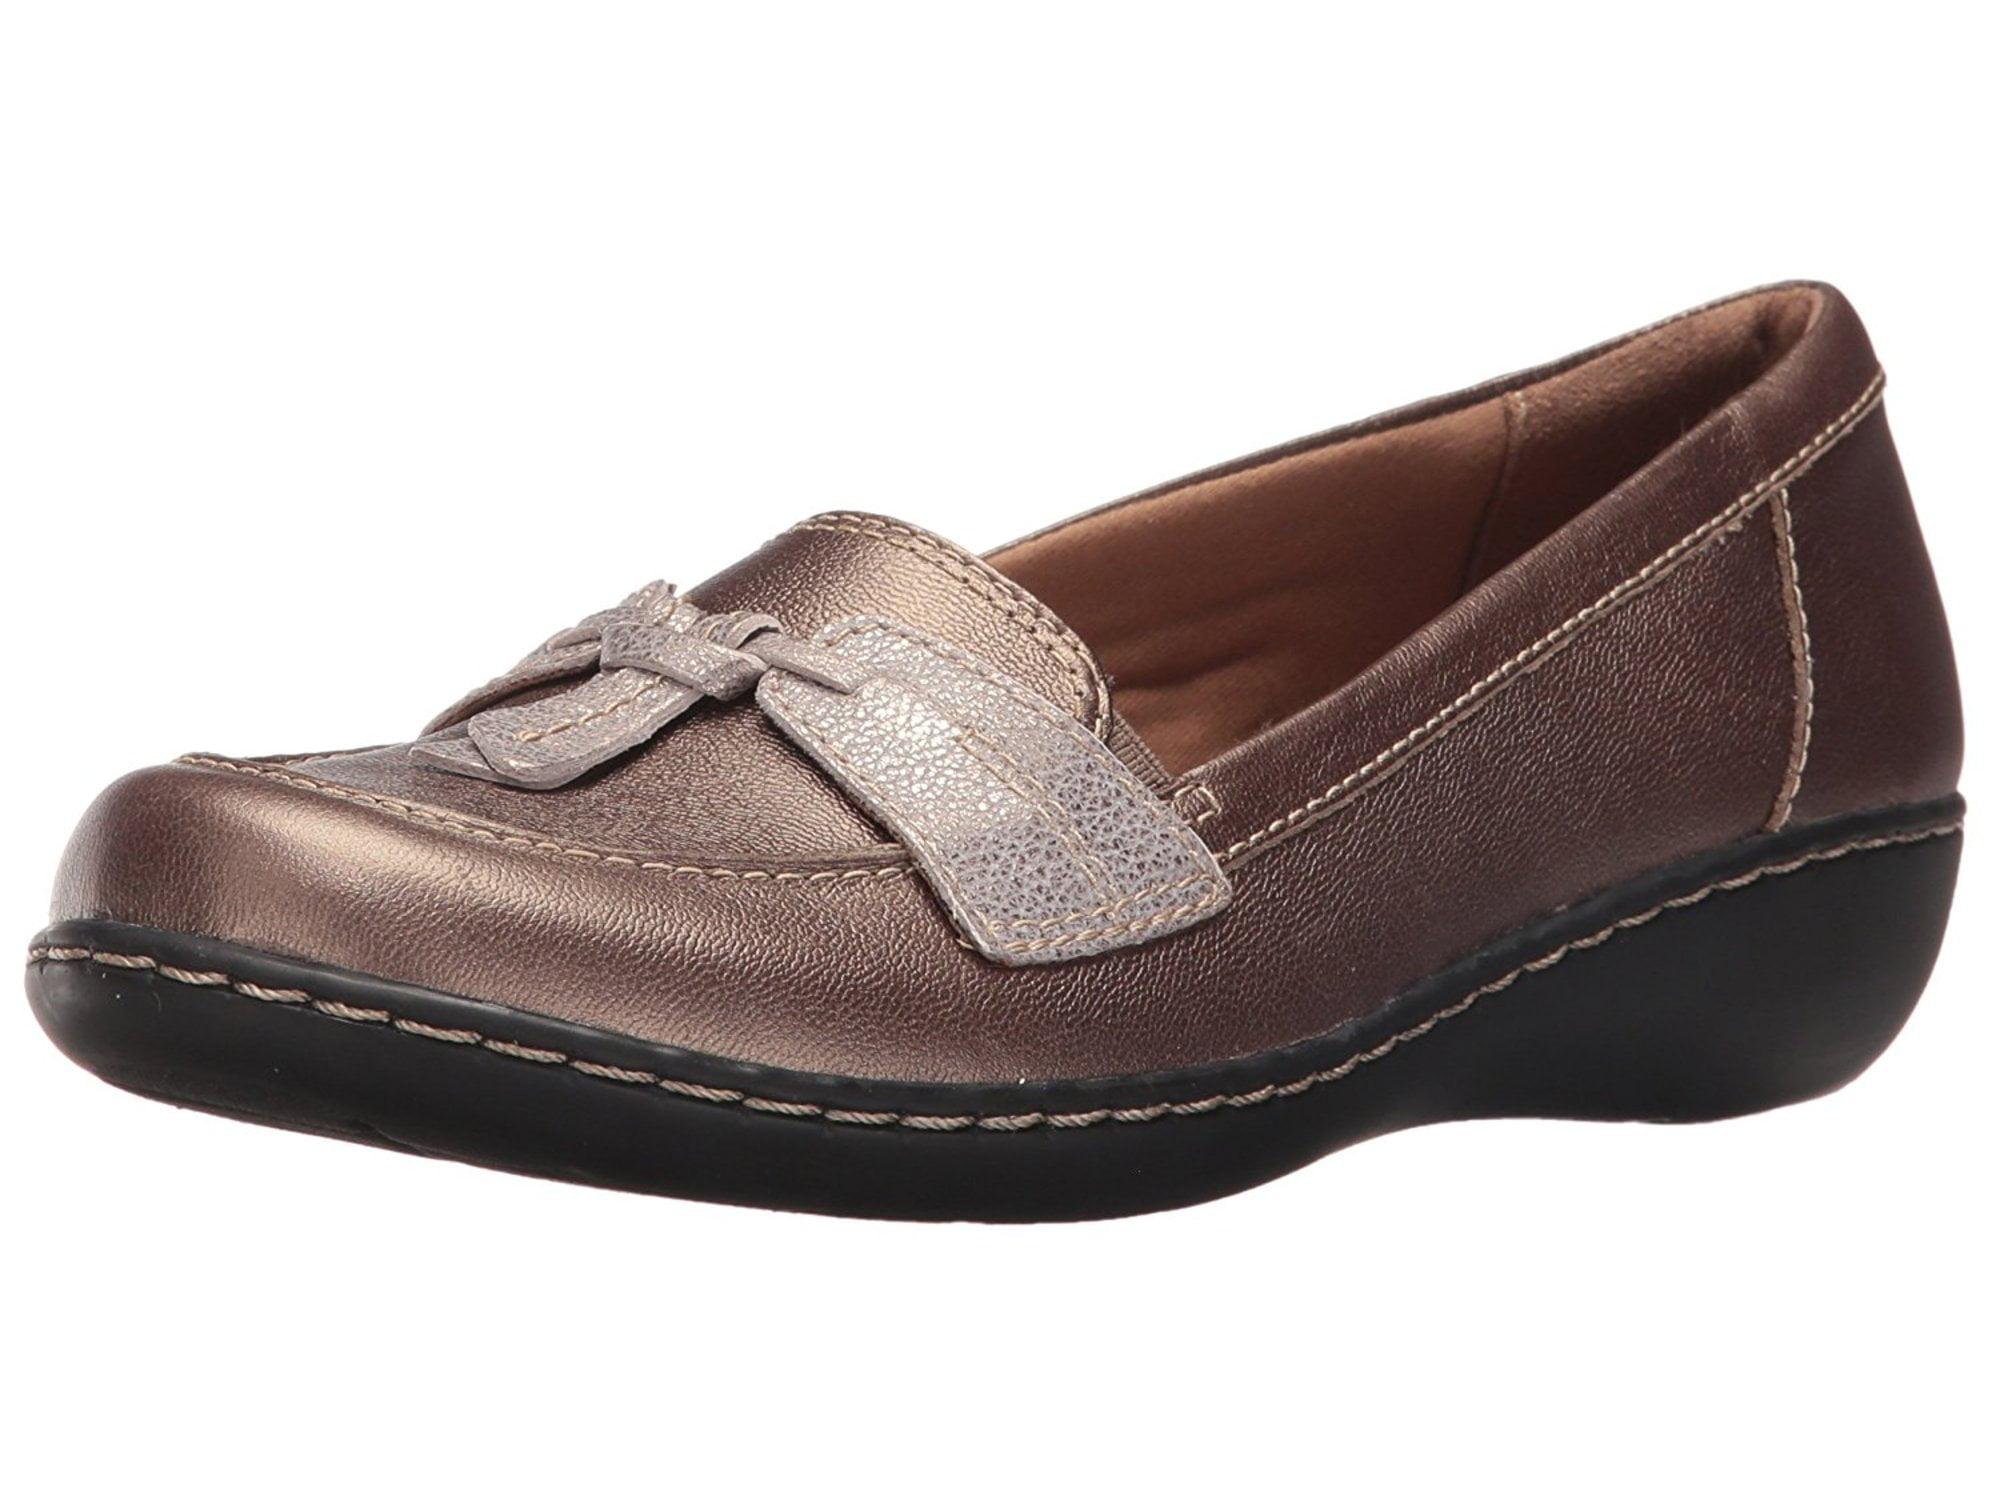 2202e0256a3 Clarks Womens Ashland Bubble Leather Closed Toe Loafers